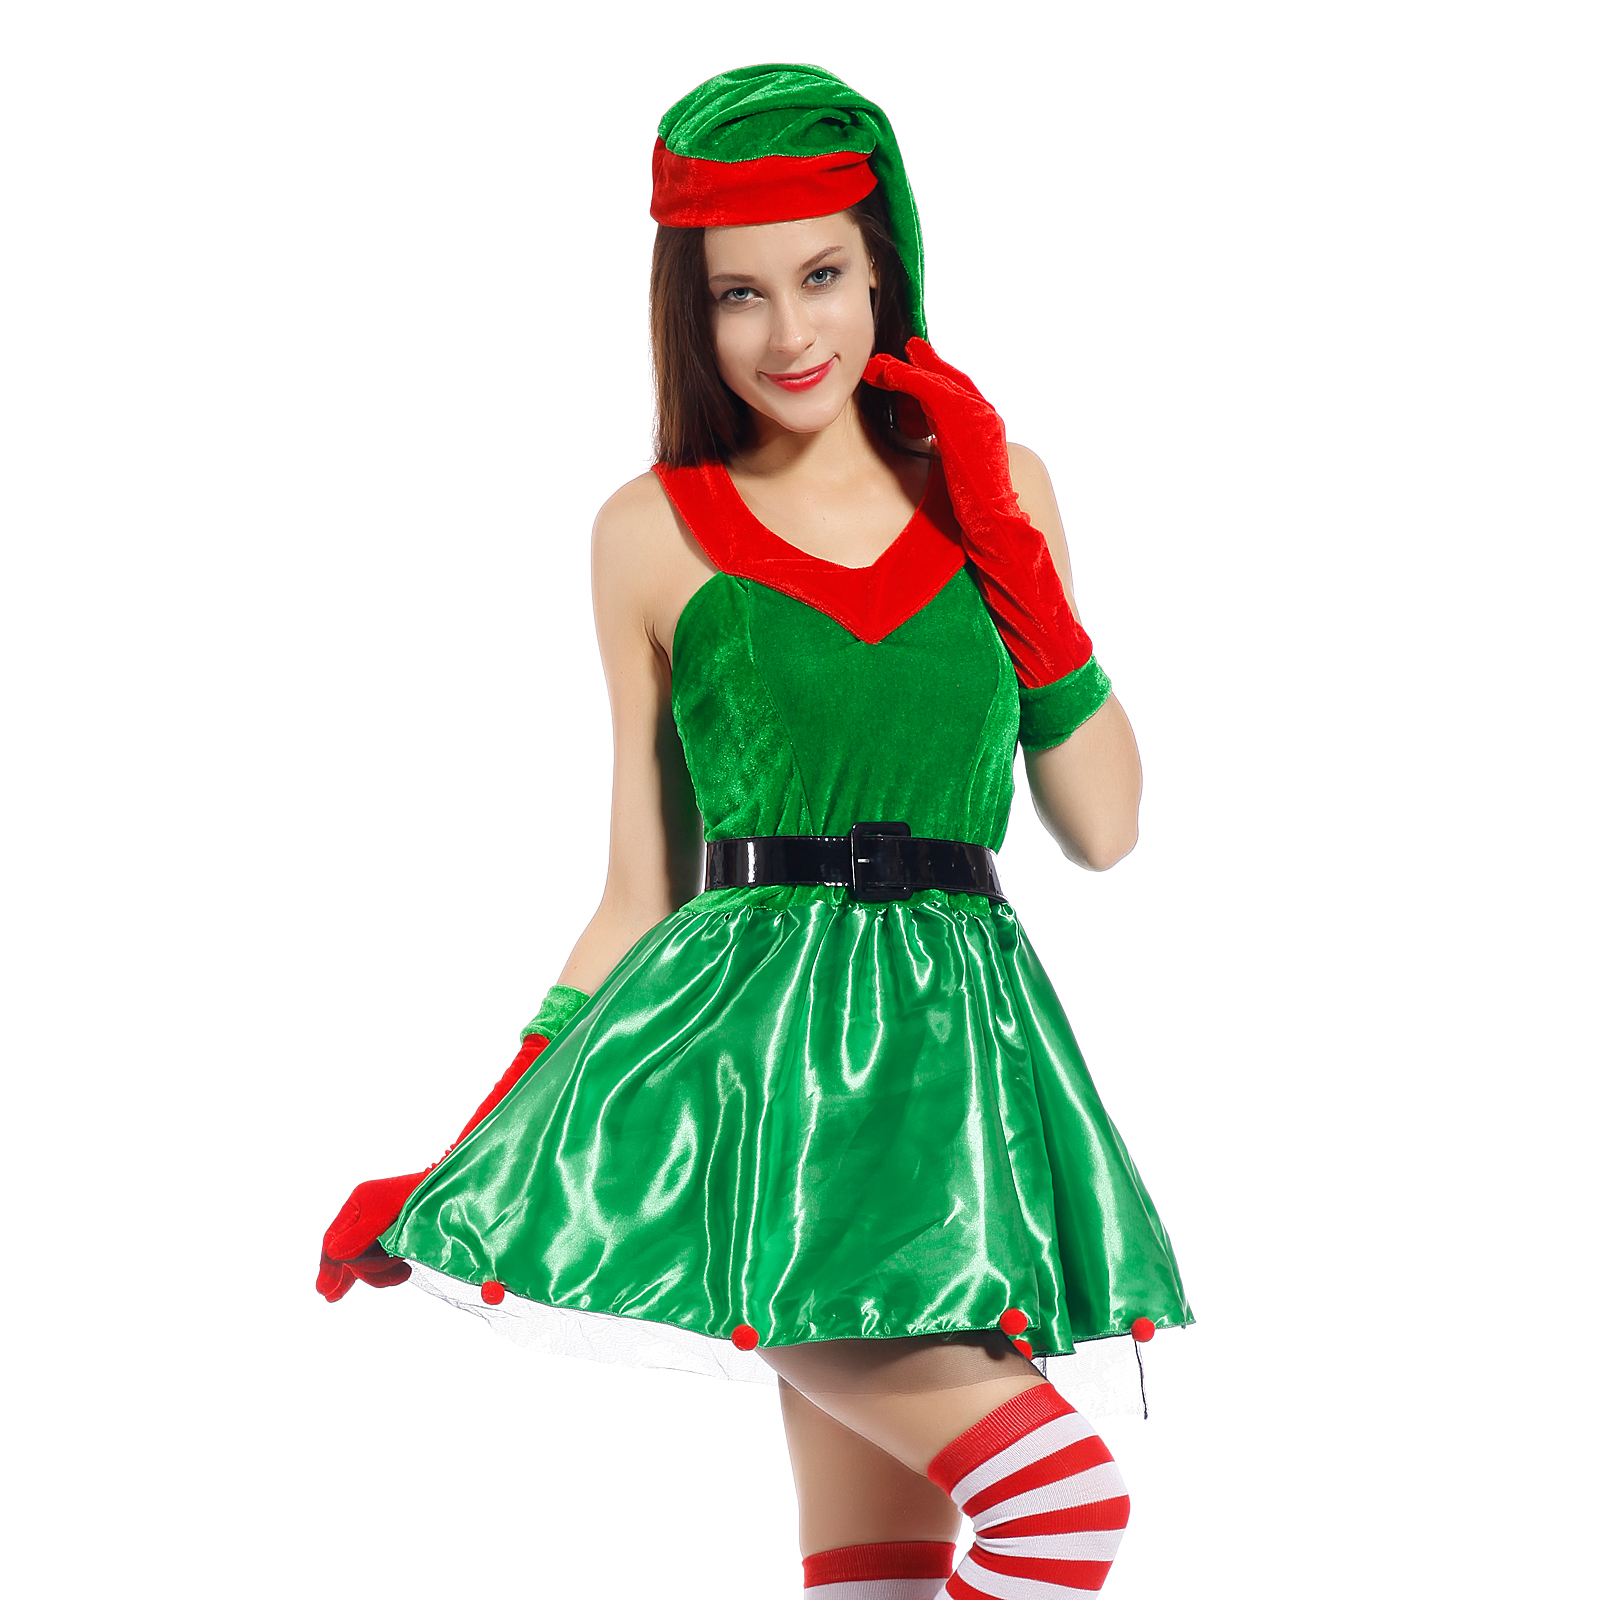 4teil weihnachten kost m damen nikolaus weihnachtself weihnachtsfrau santa kleid ebay. Black Bedroom Furniture Sets. Home Design Ideas